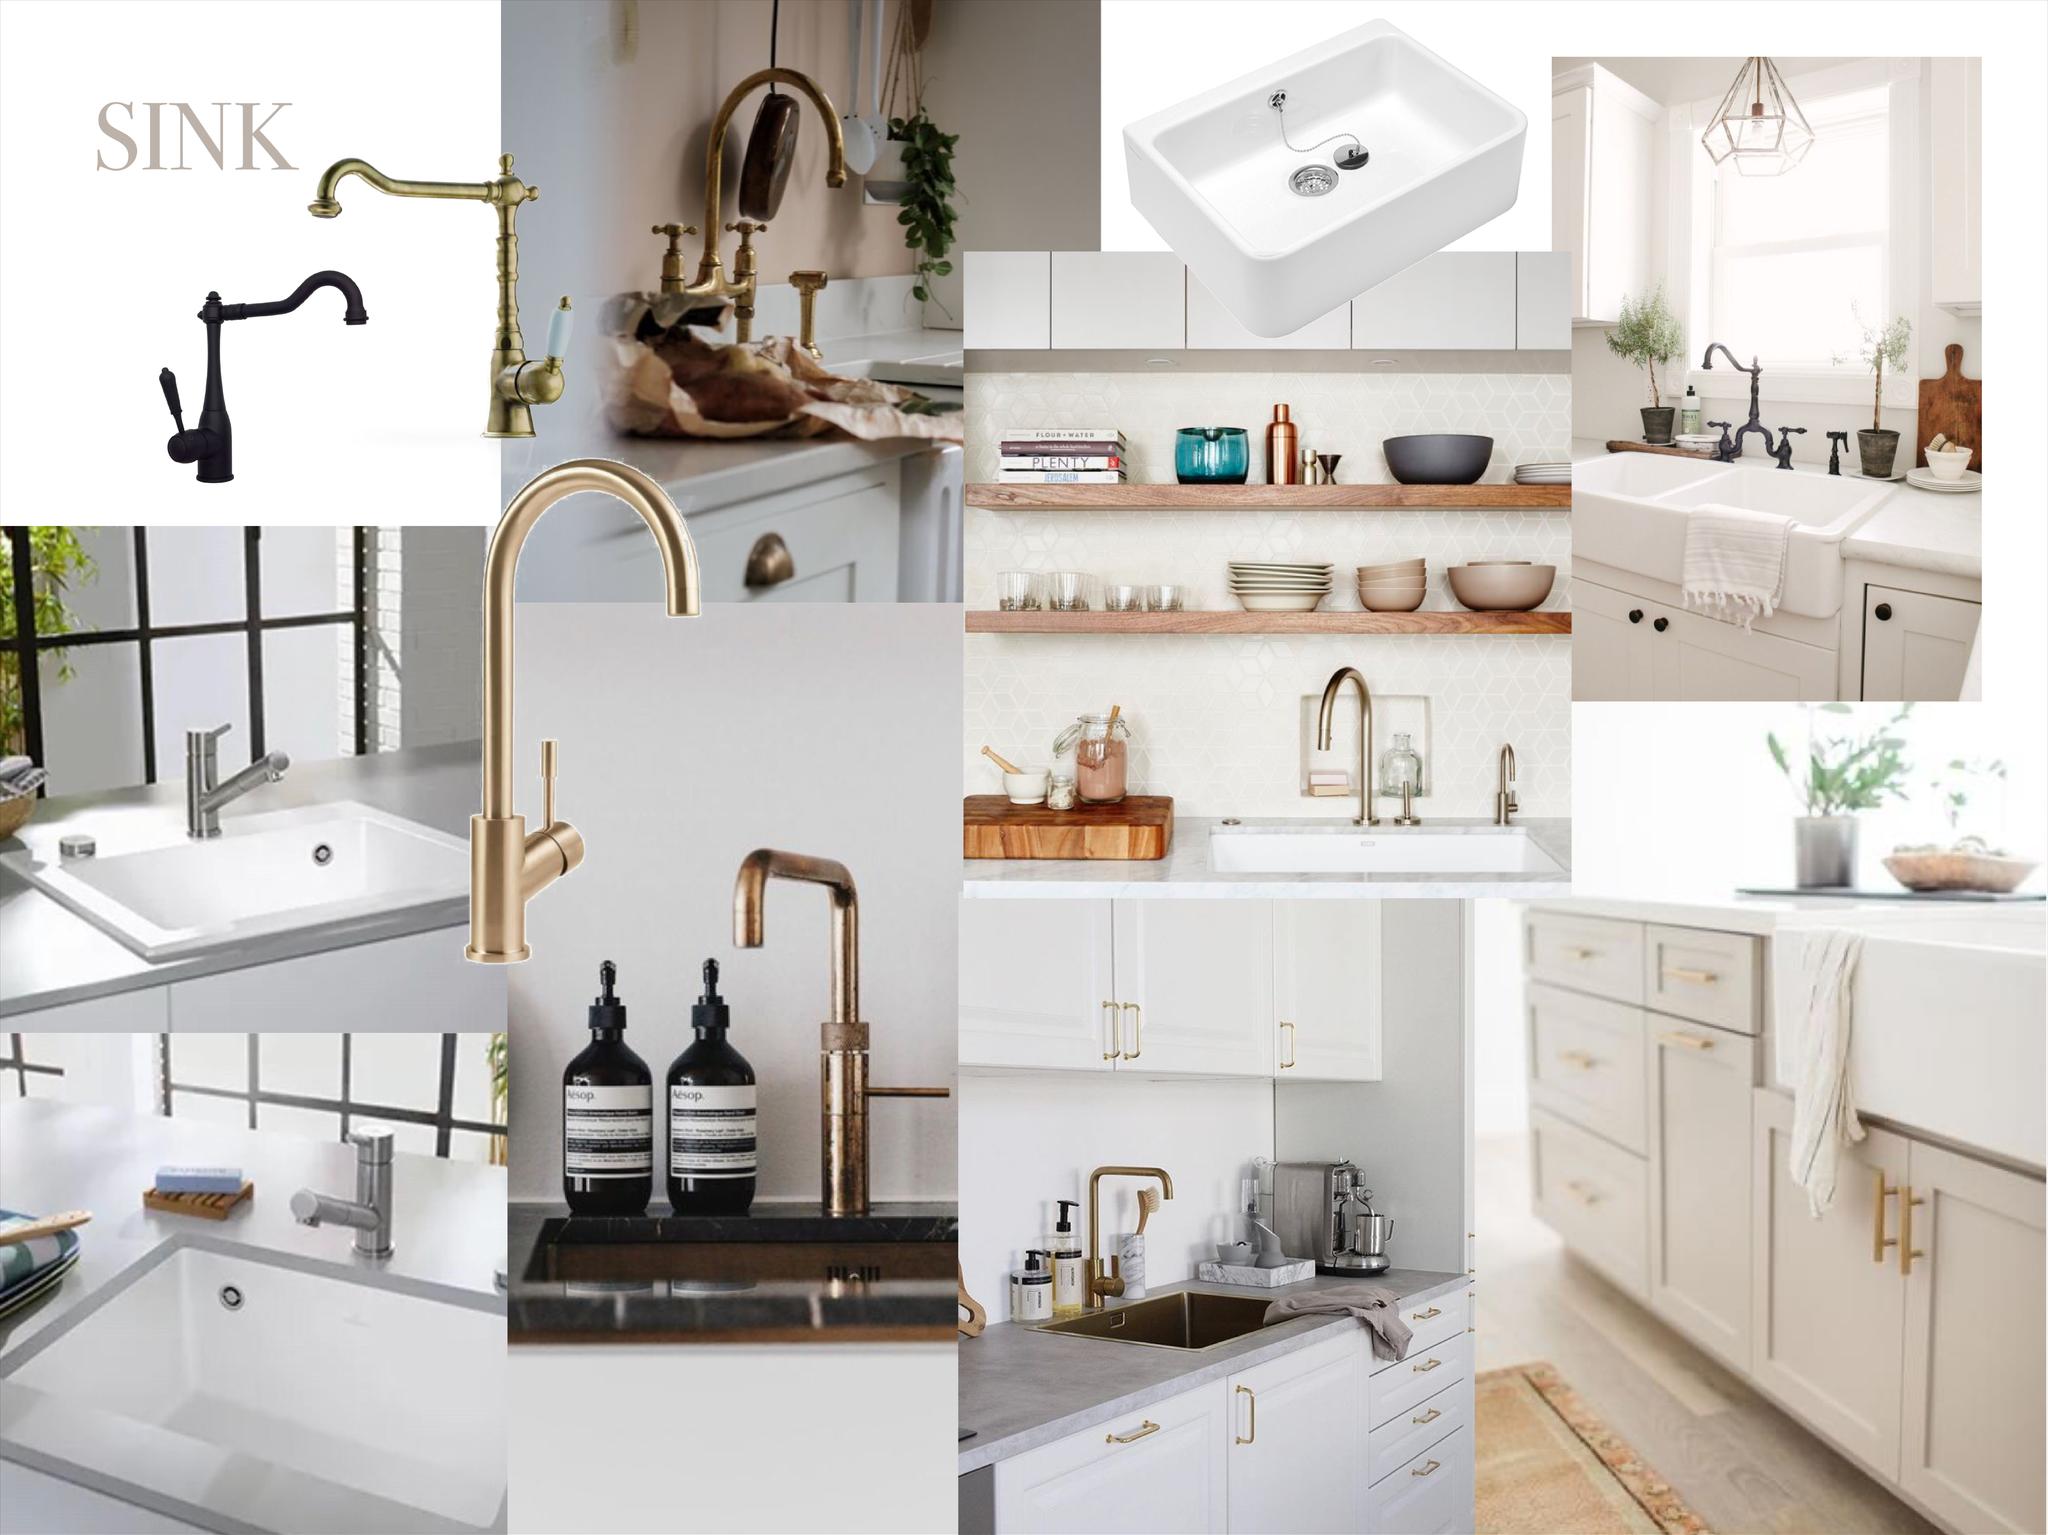 Küchen Makeover - Moodboard Sink